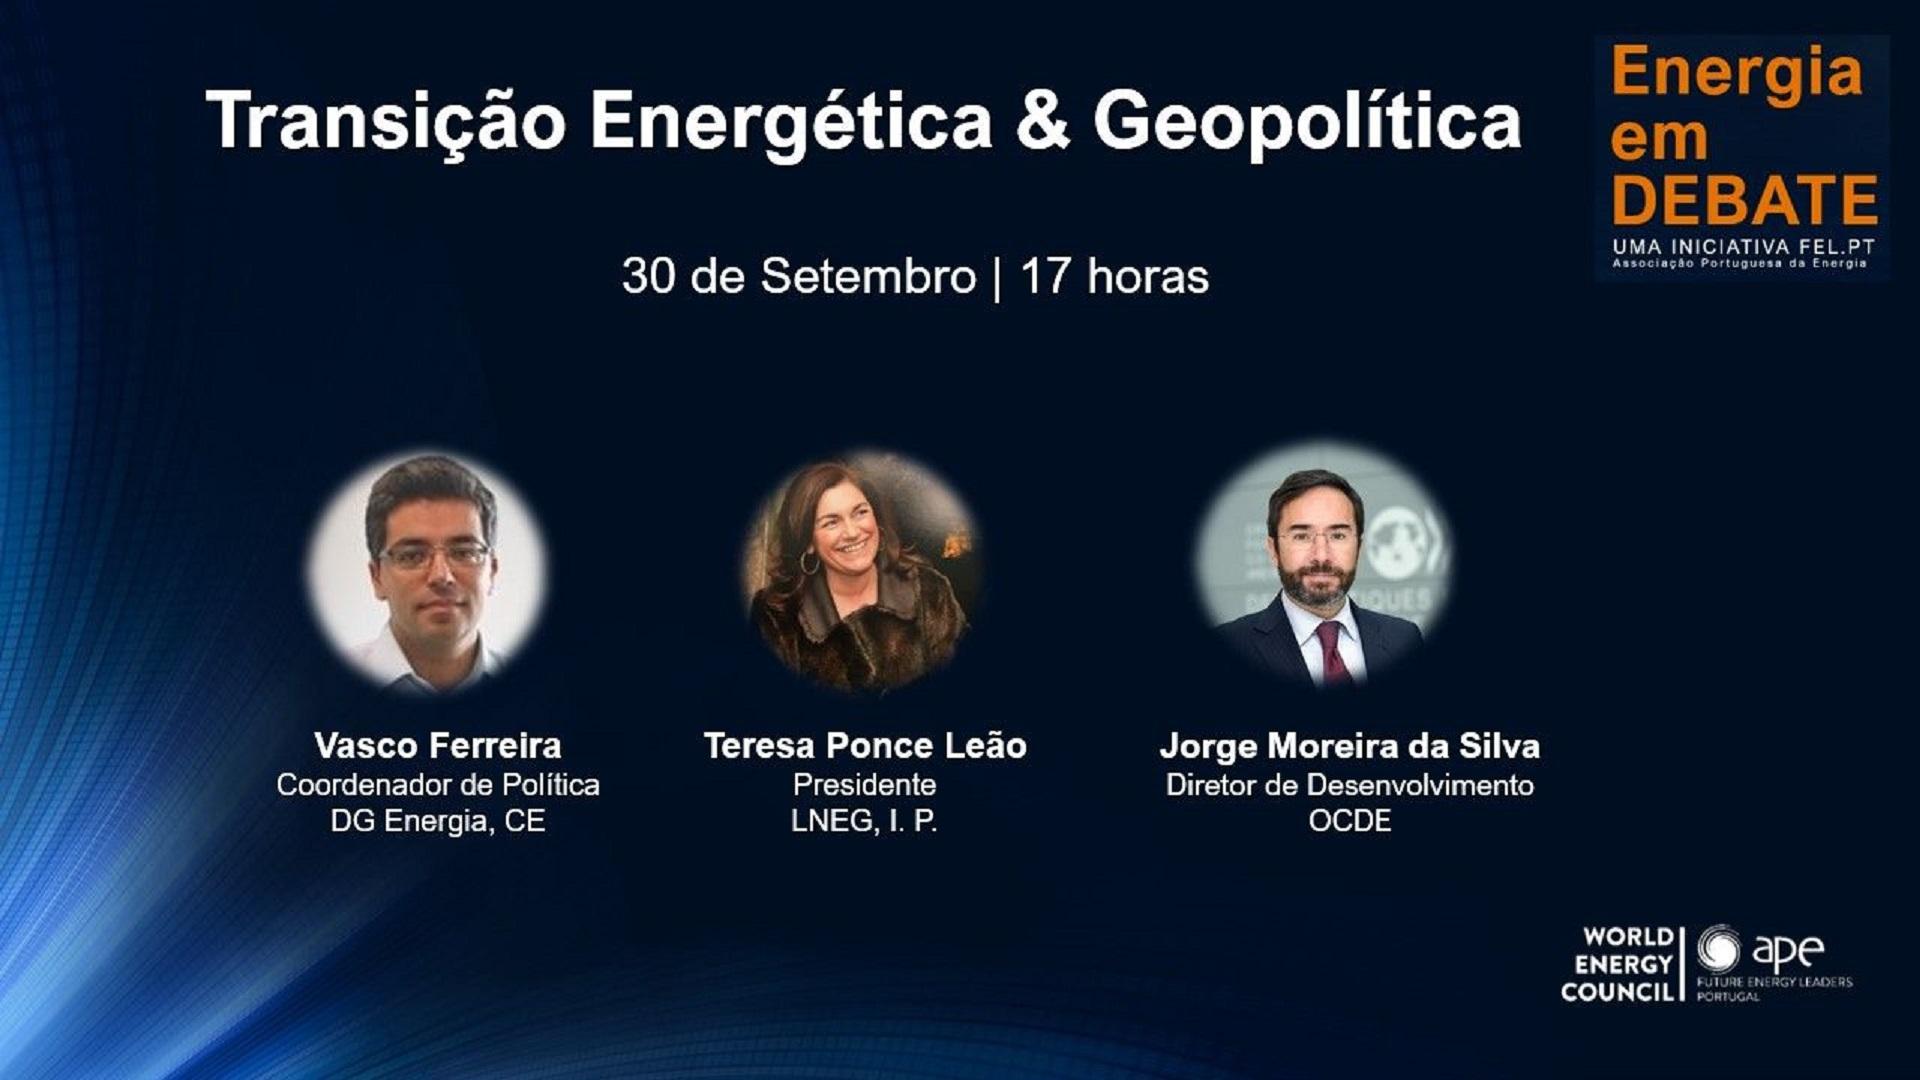 energia-em-debate-transicao-energetica-geopolitica